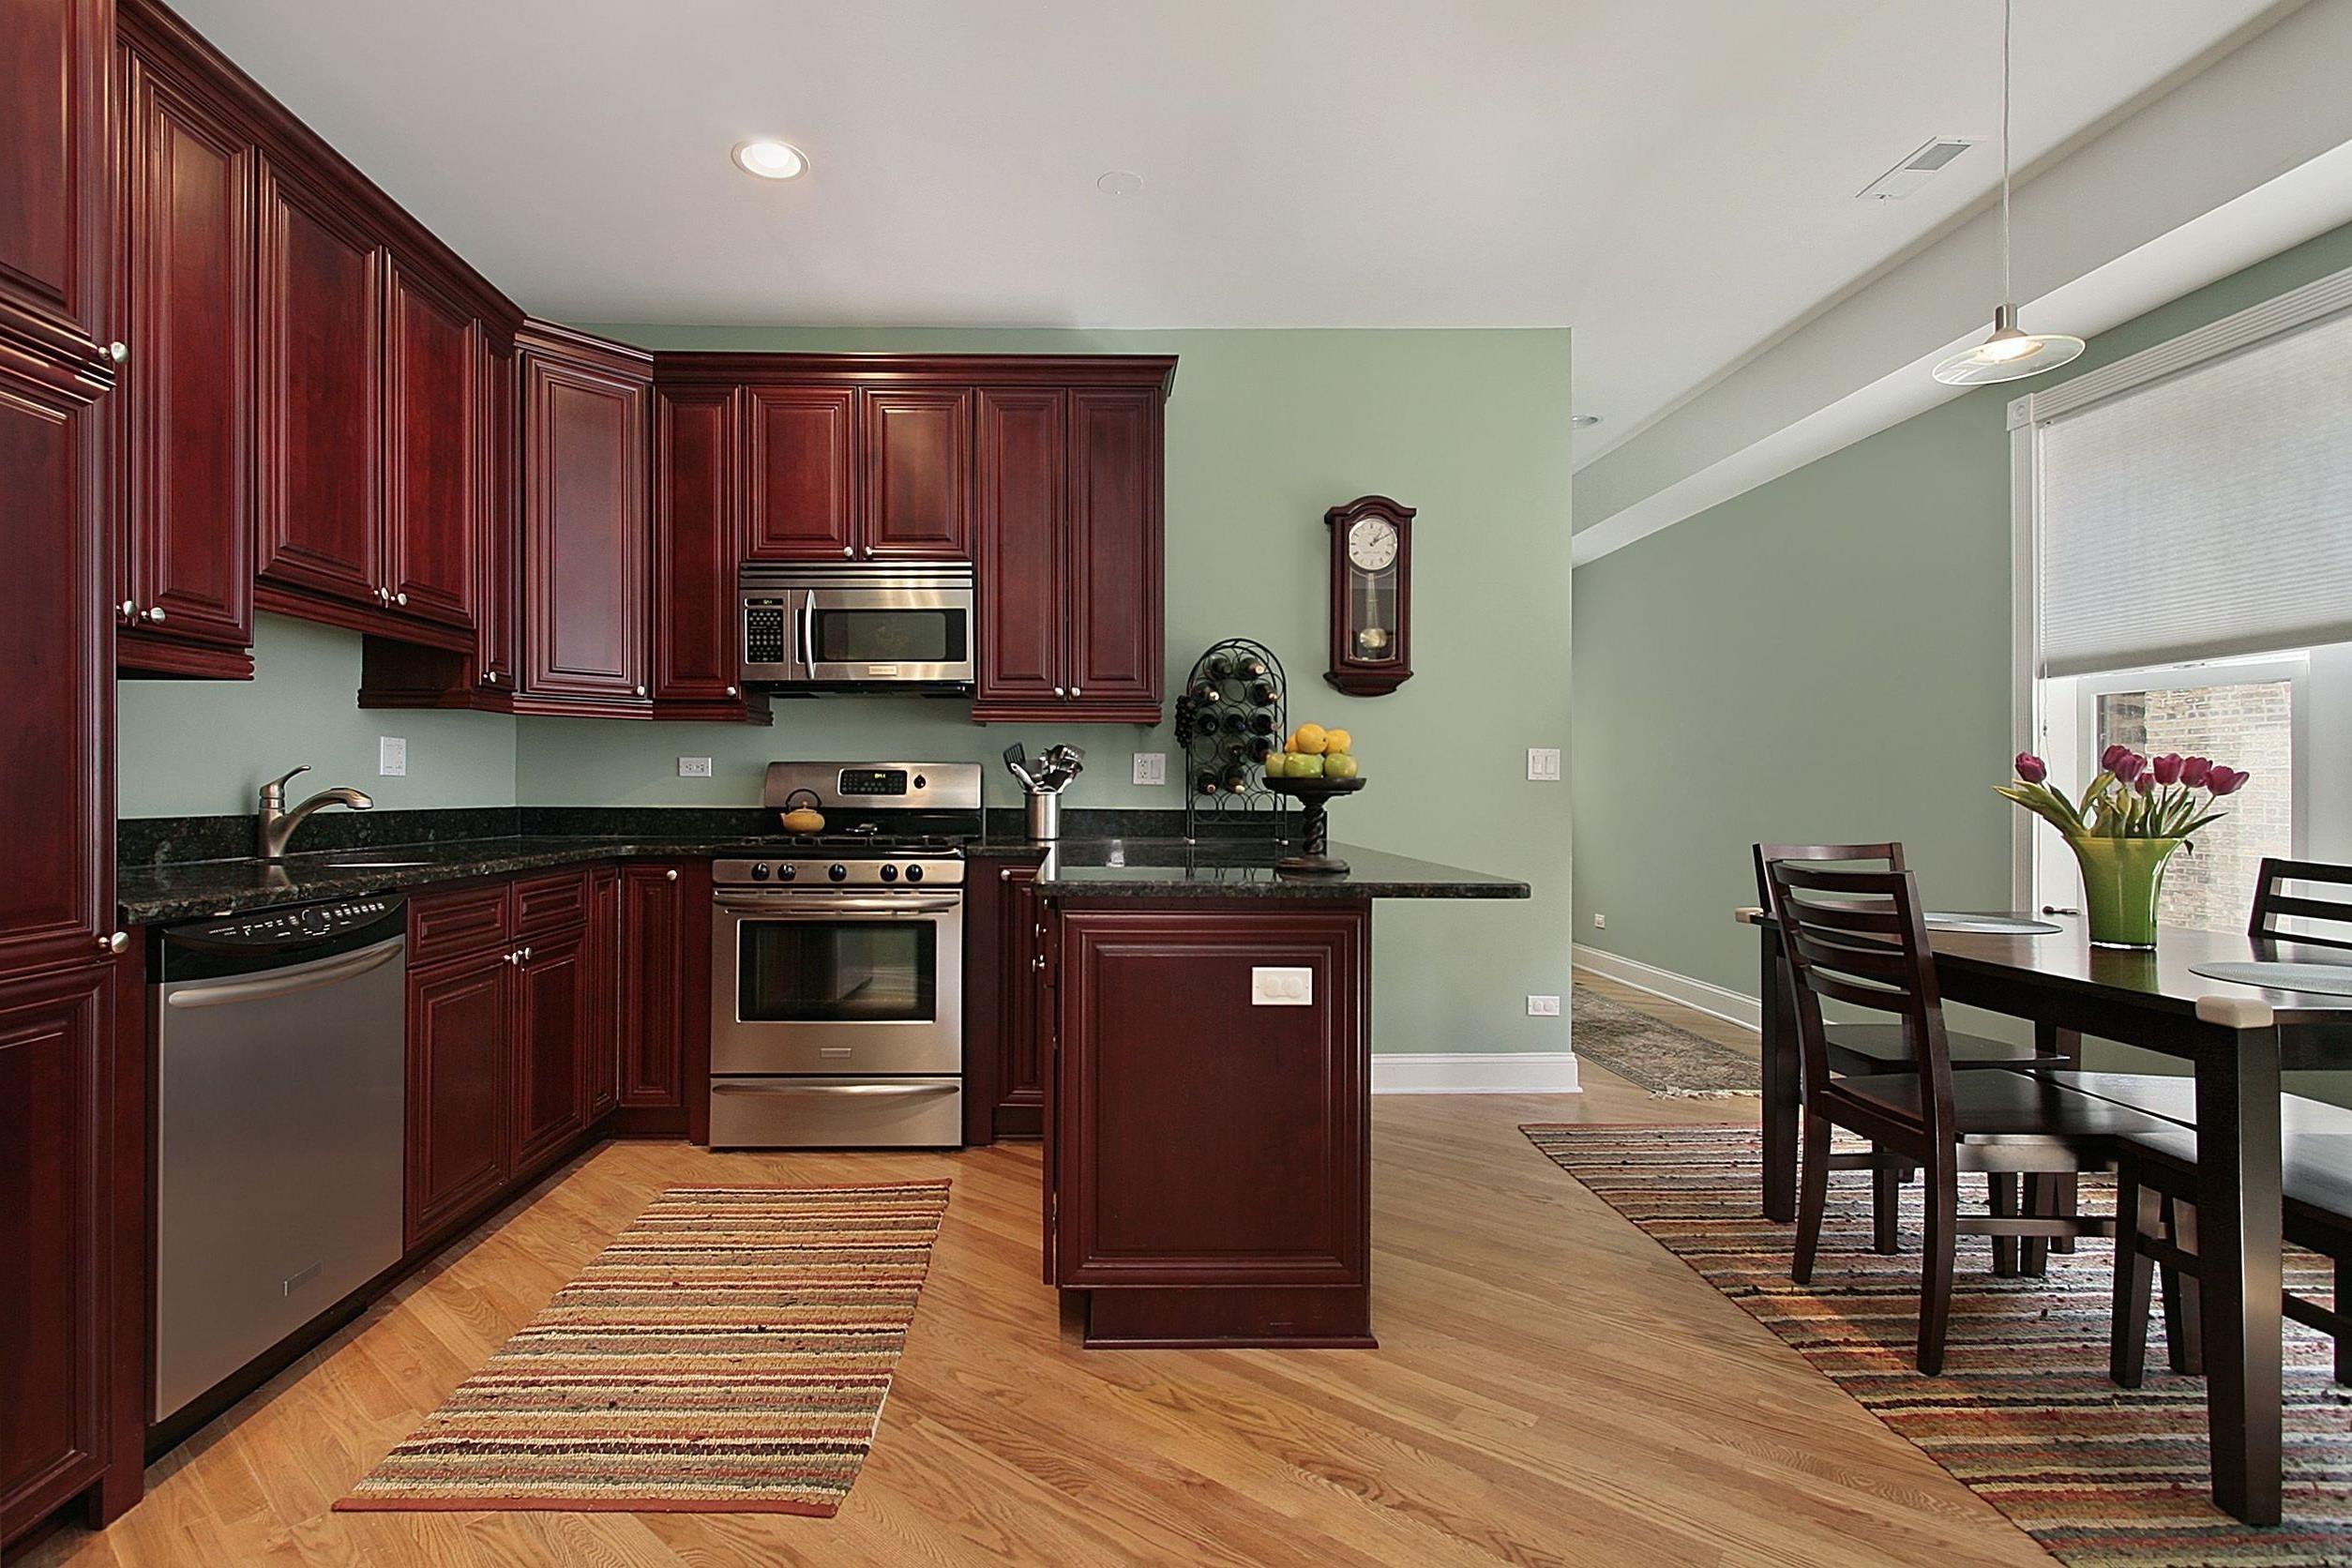 10 Pretty Kitchen Paint Ideas With Dark Cabinets kitchen paint colors with dark wood cabinets felice kitchen 1 2020